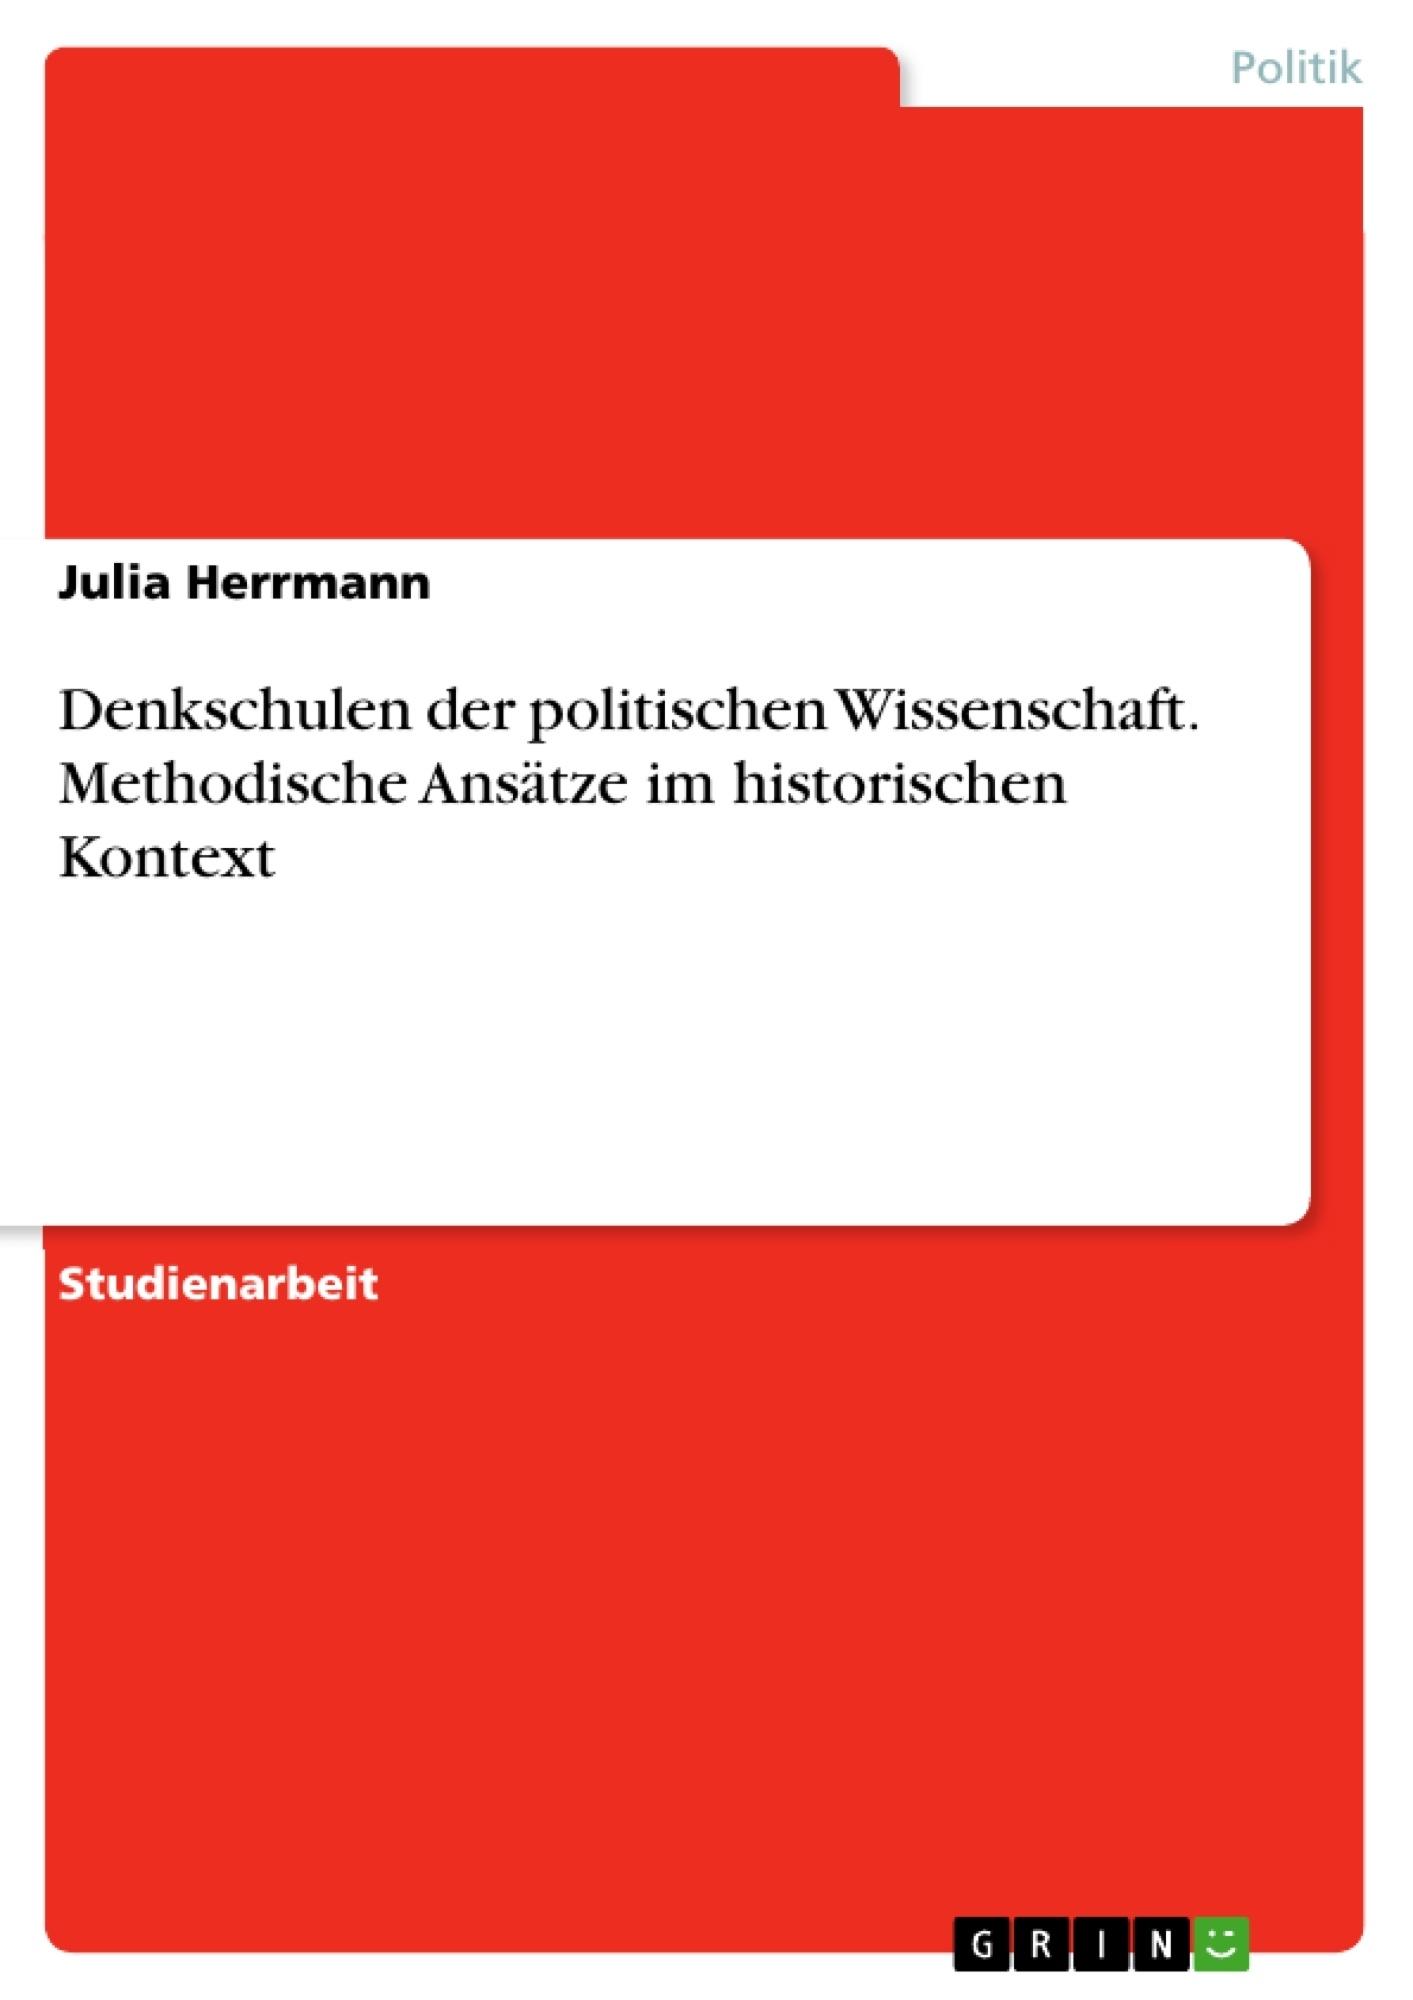 Titel: Denkschulen der politischen Wissenschaft. Methodische Ansätze im historischen Kontext